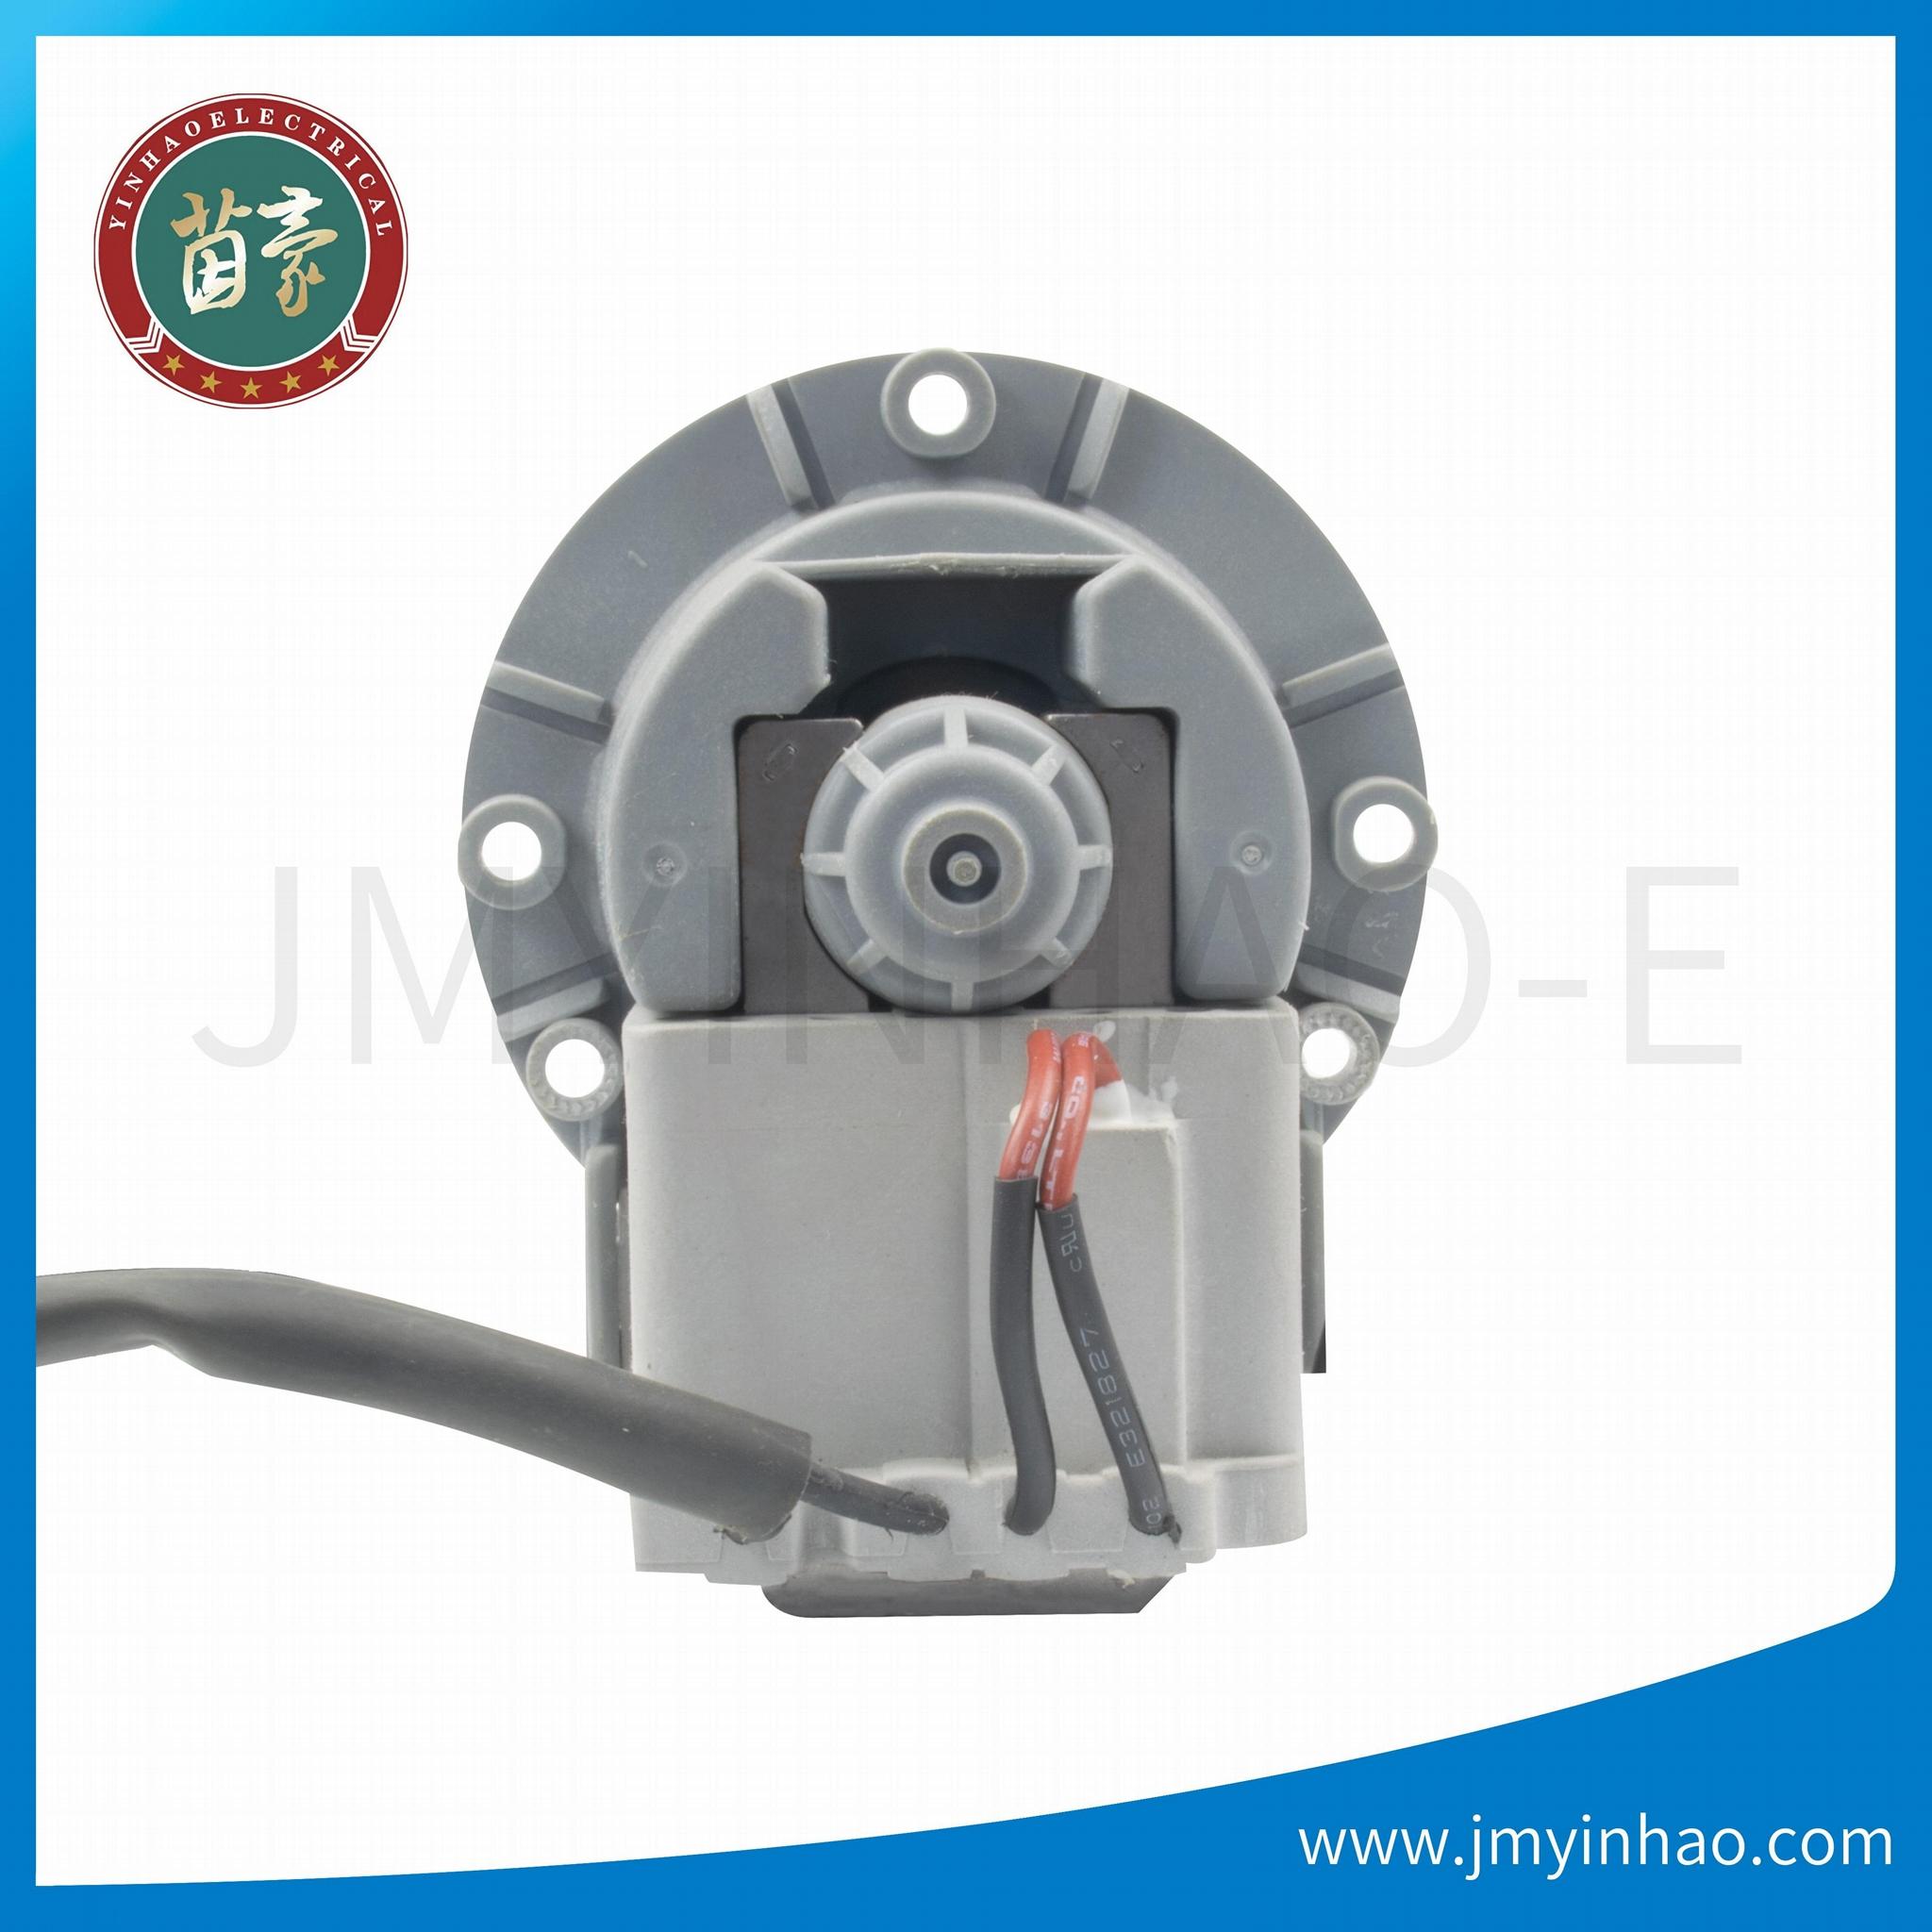 JMYINHAO-E/洗衣機排水泵 220V 4